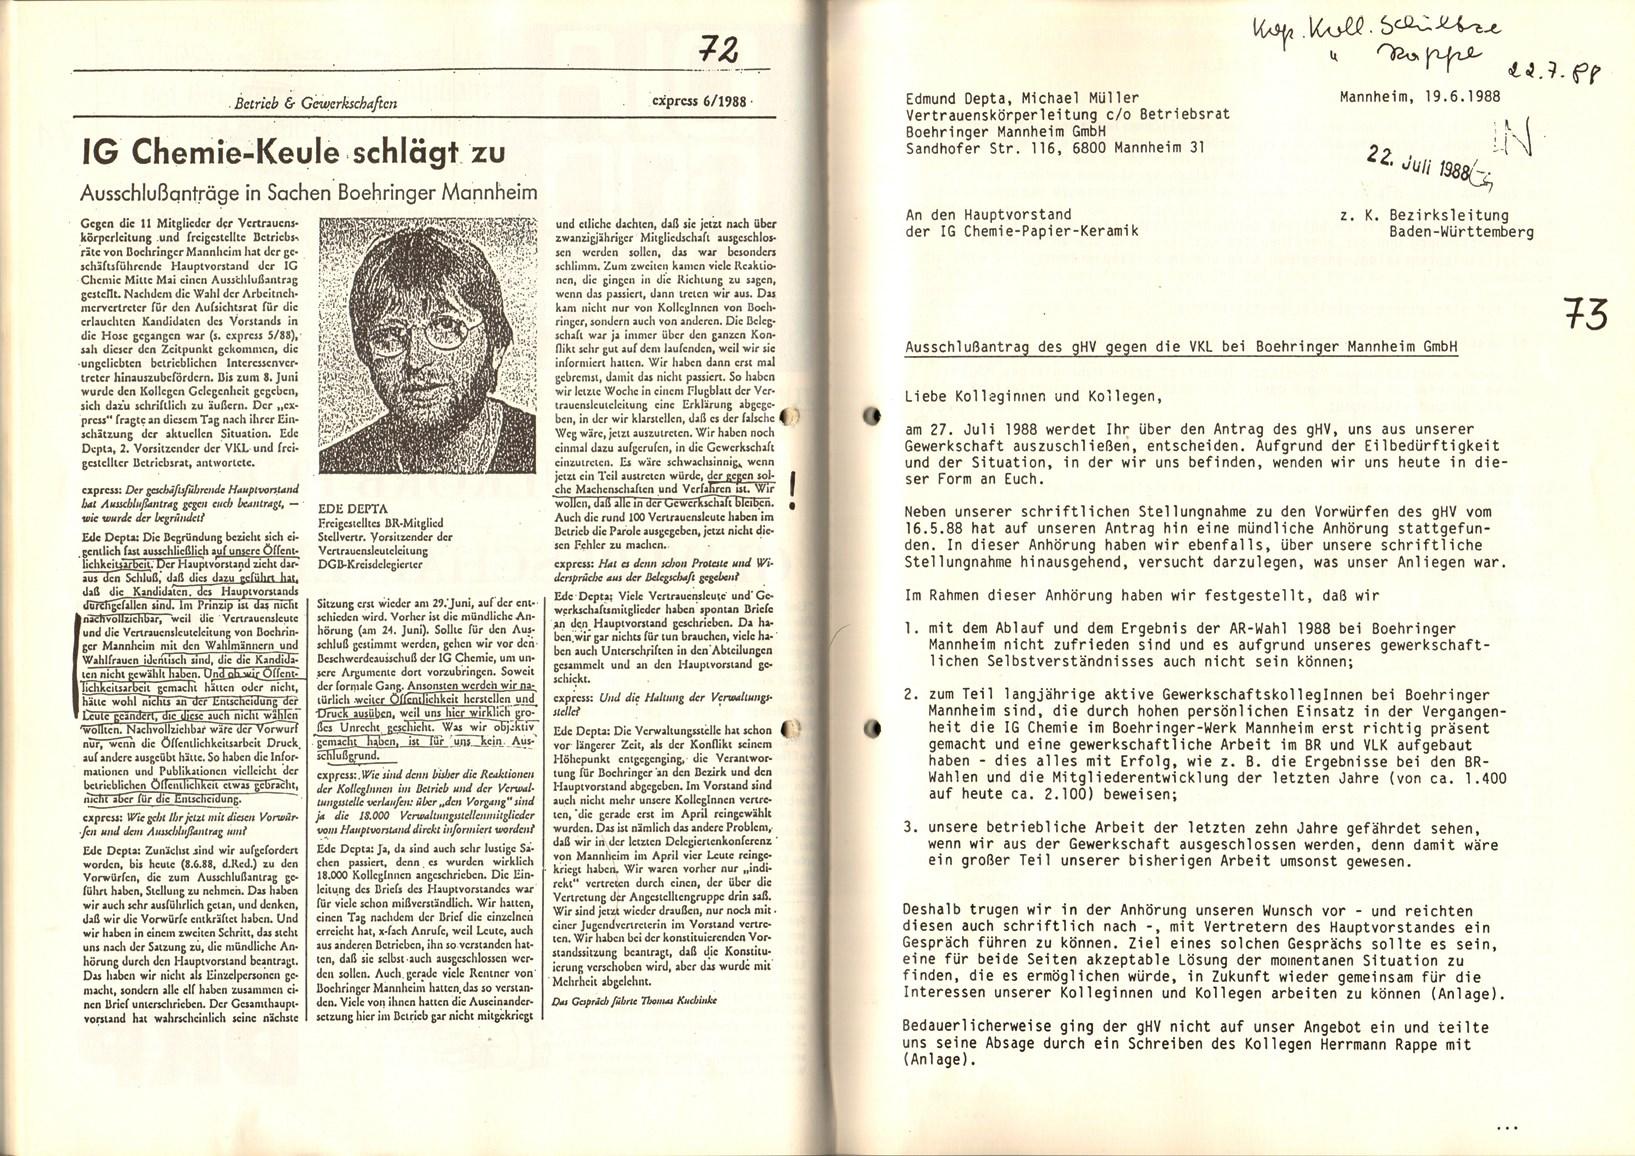 Mannheim_Boehringer_Ausschluss_VKL_Doku1_1988_62